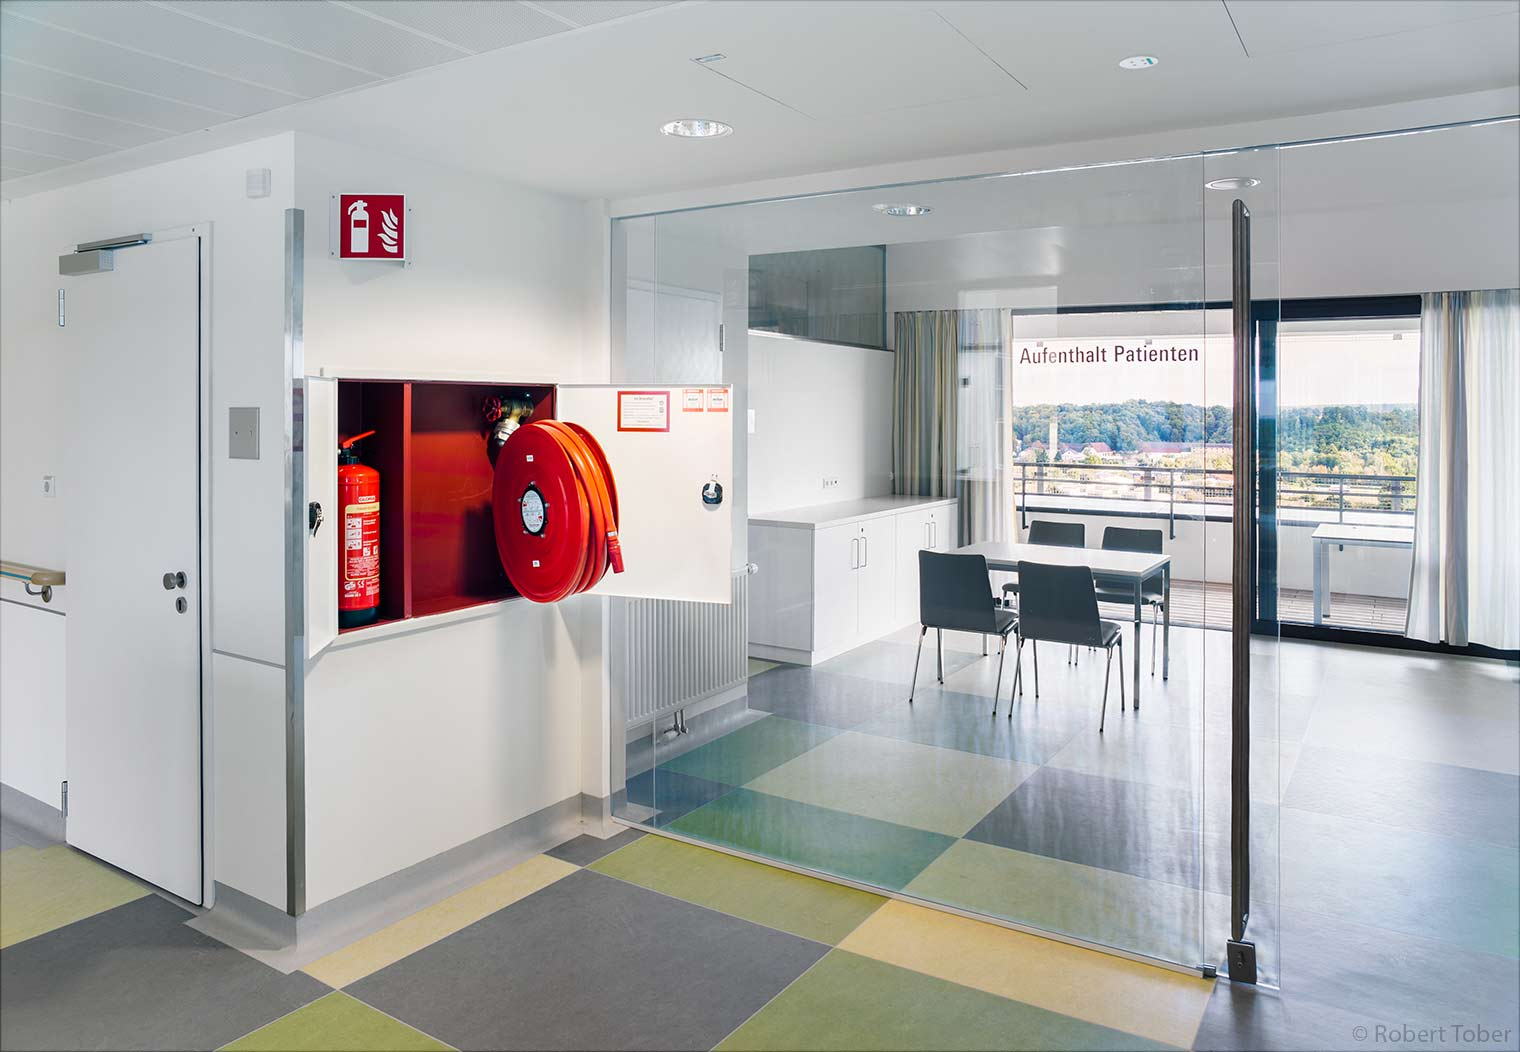 Landesklinikum Mistelbach · Patienten Aufenthaltsraum · Feuerlöscher und Wandhydrant · © Robert Tober Architekturfotograf